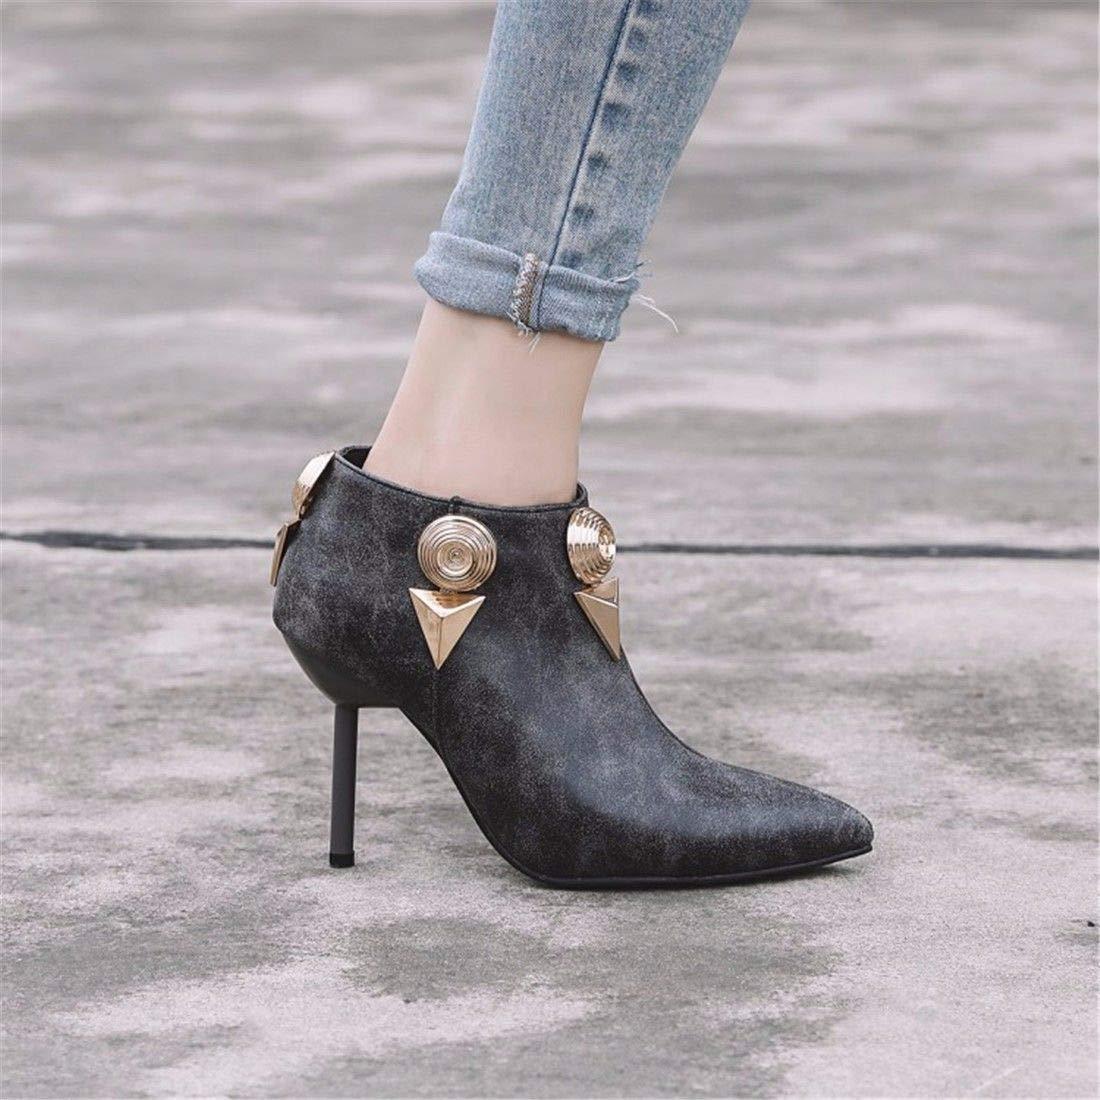 AIKAKA Frauen Herbst und Winter Winter Winter Europa und Amerika Sexy warme High Heel Schuhe Kurze Stiefel  73ff74